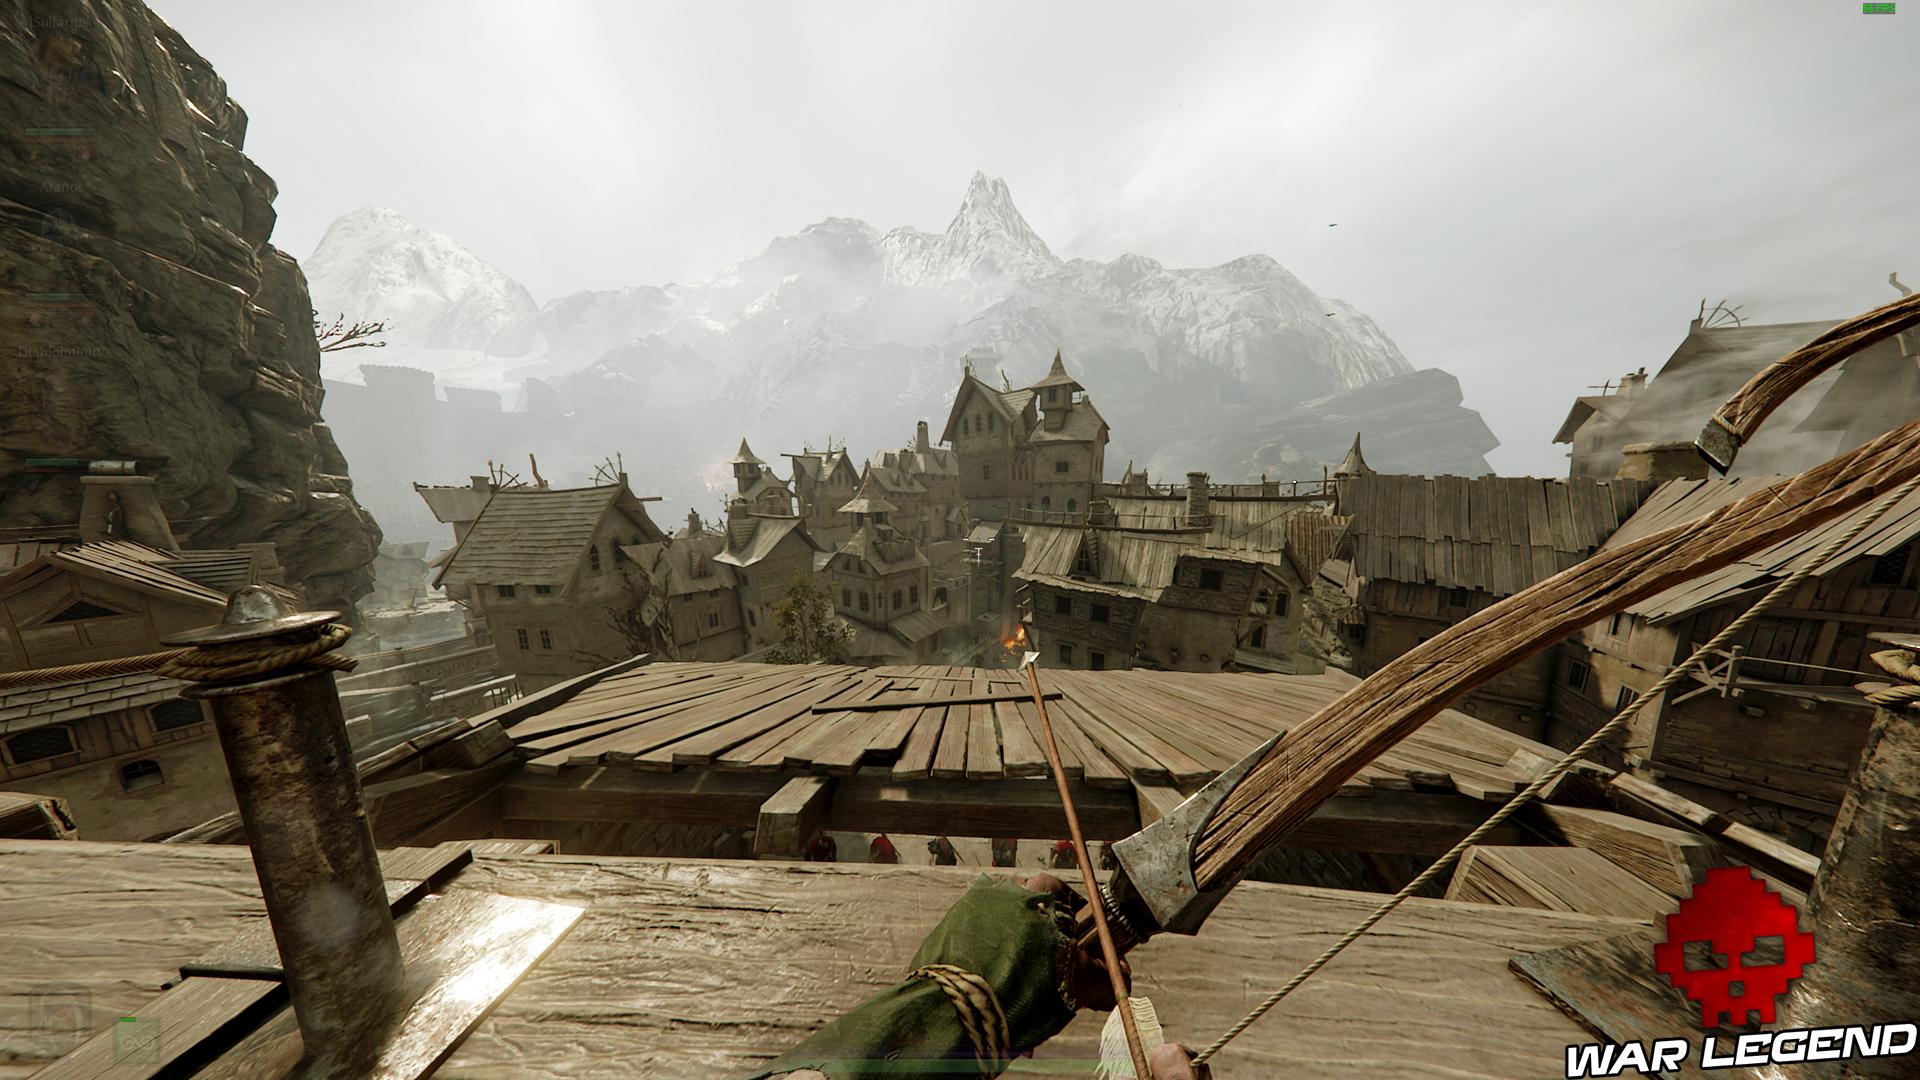 La vue d'ensemble d'une ville